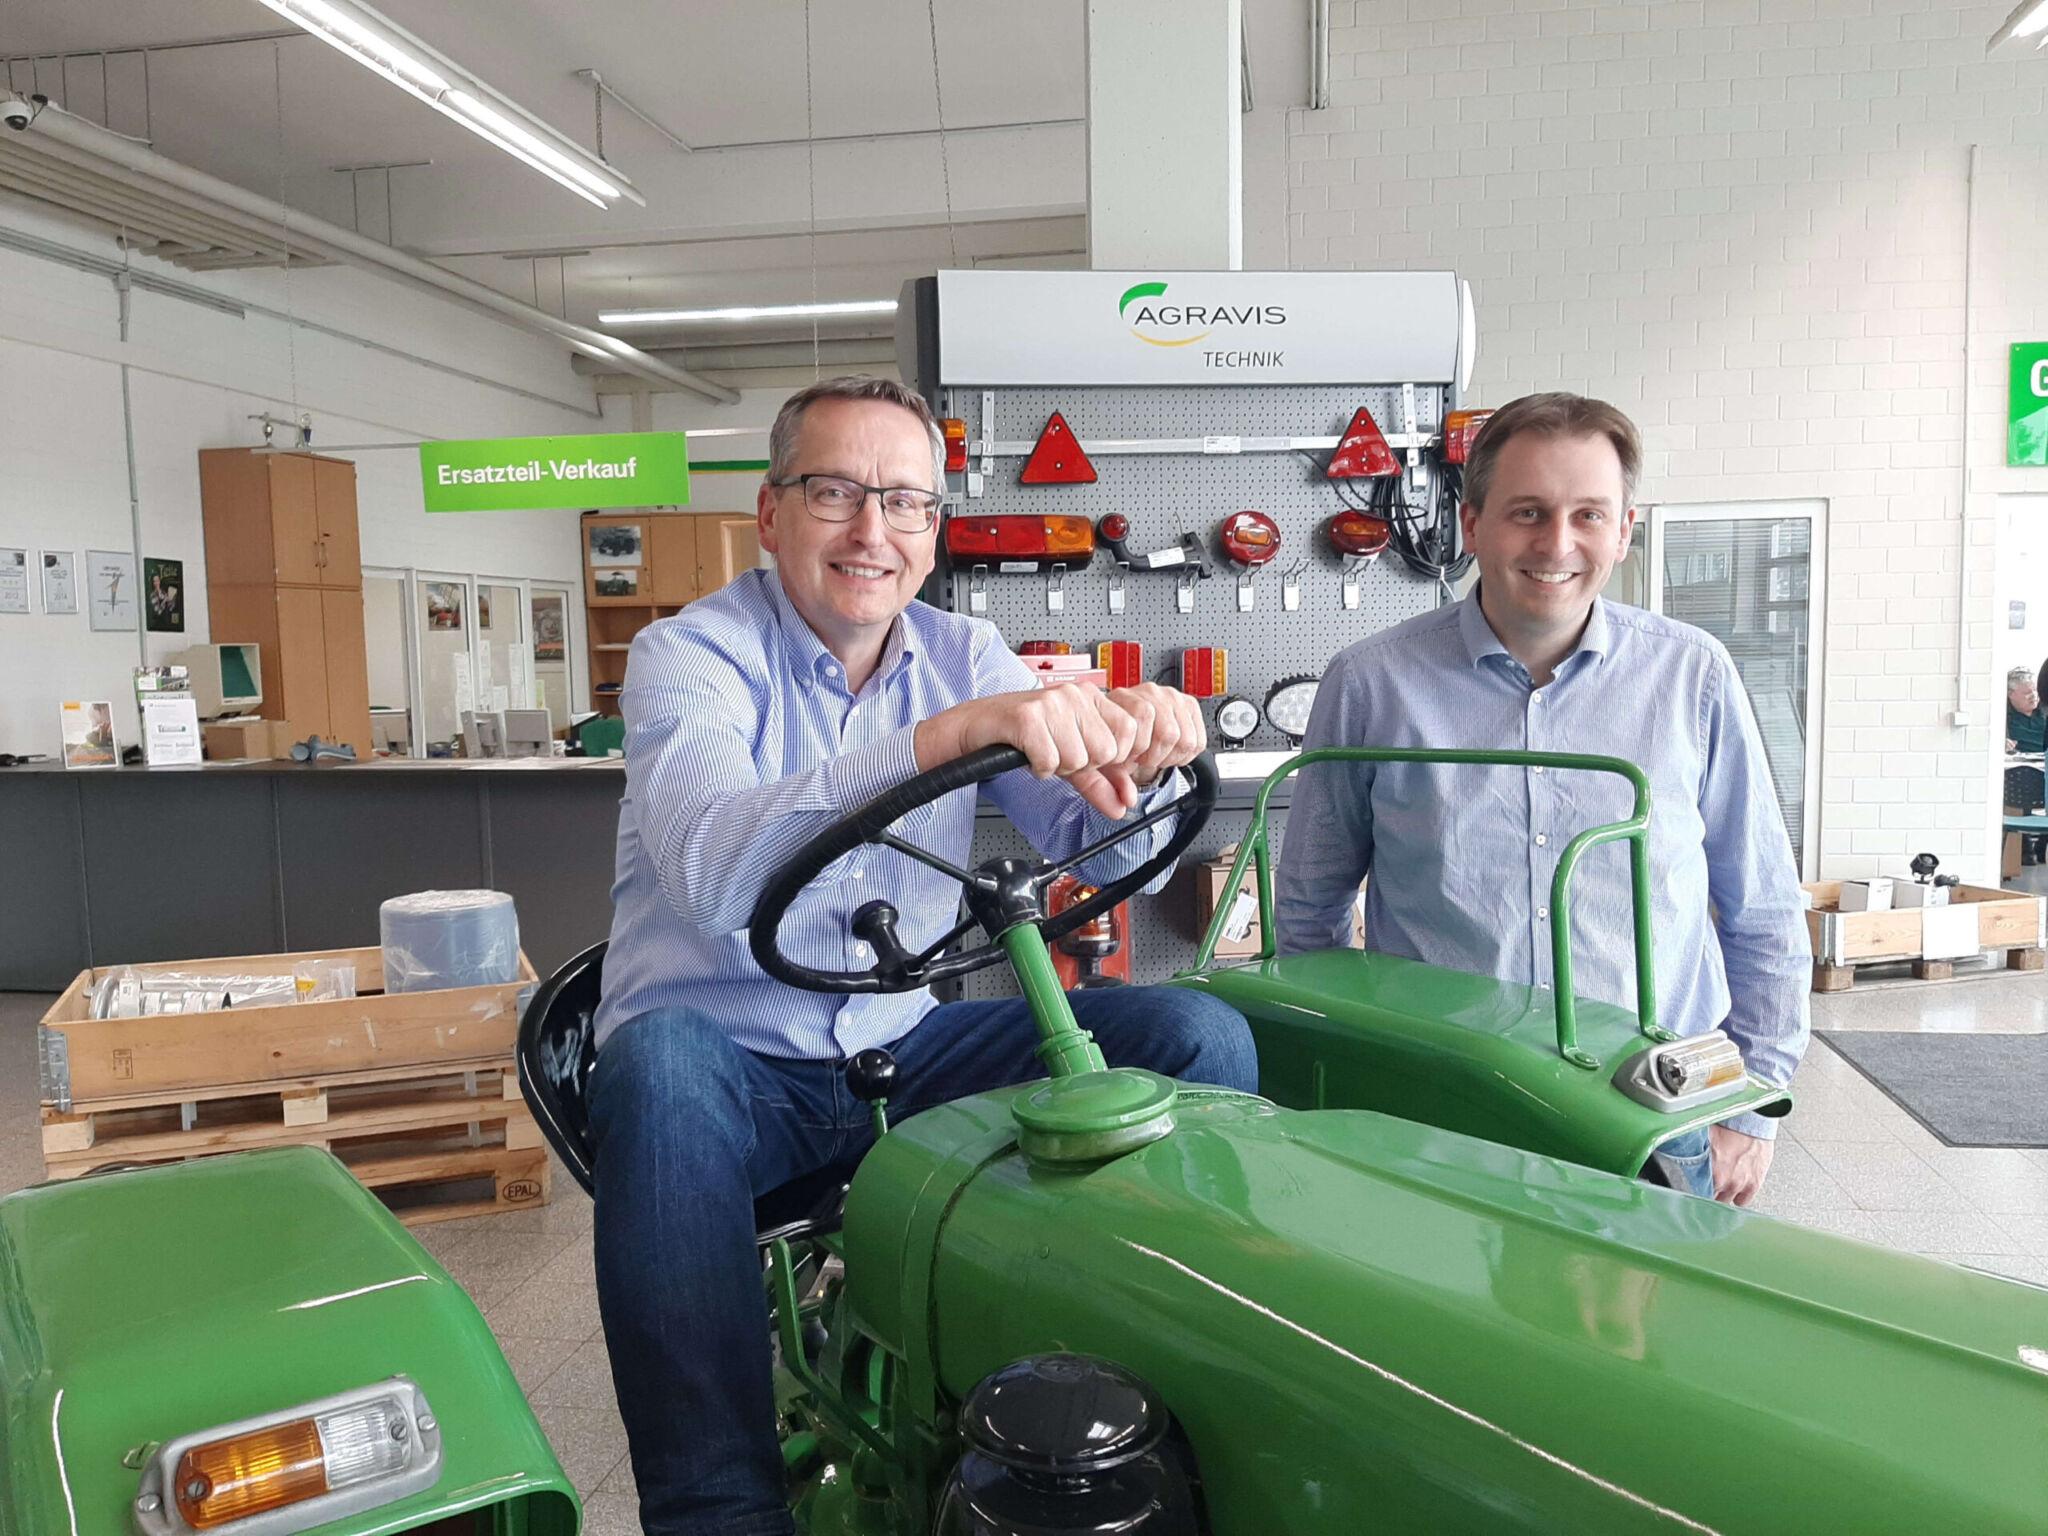 Agravis Technik GmbH Geschäftsführer Holger Poplilas, Nikolas Bösch|copyright: Werkbild